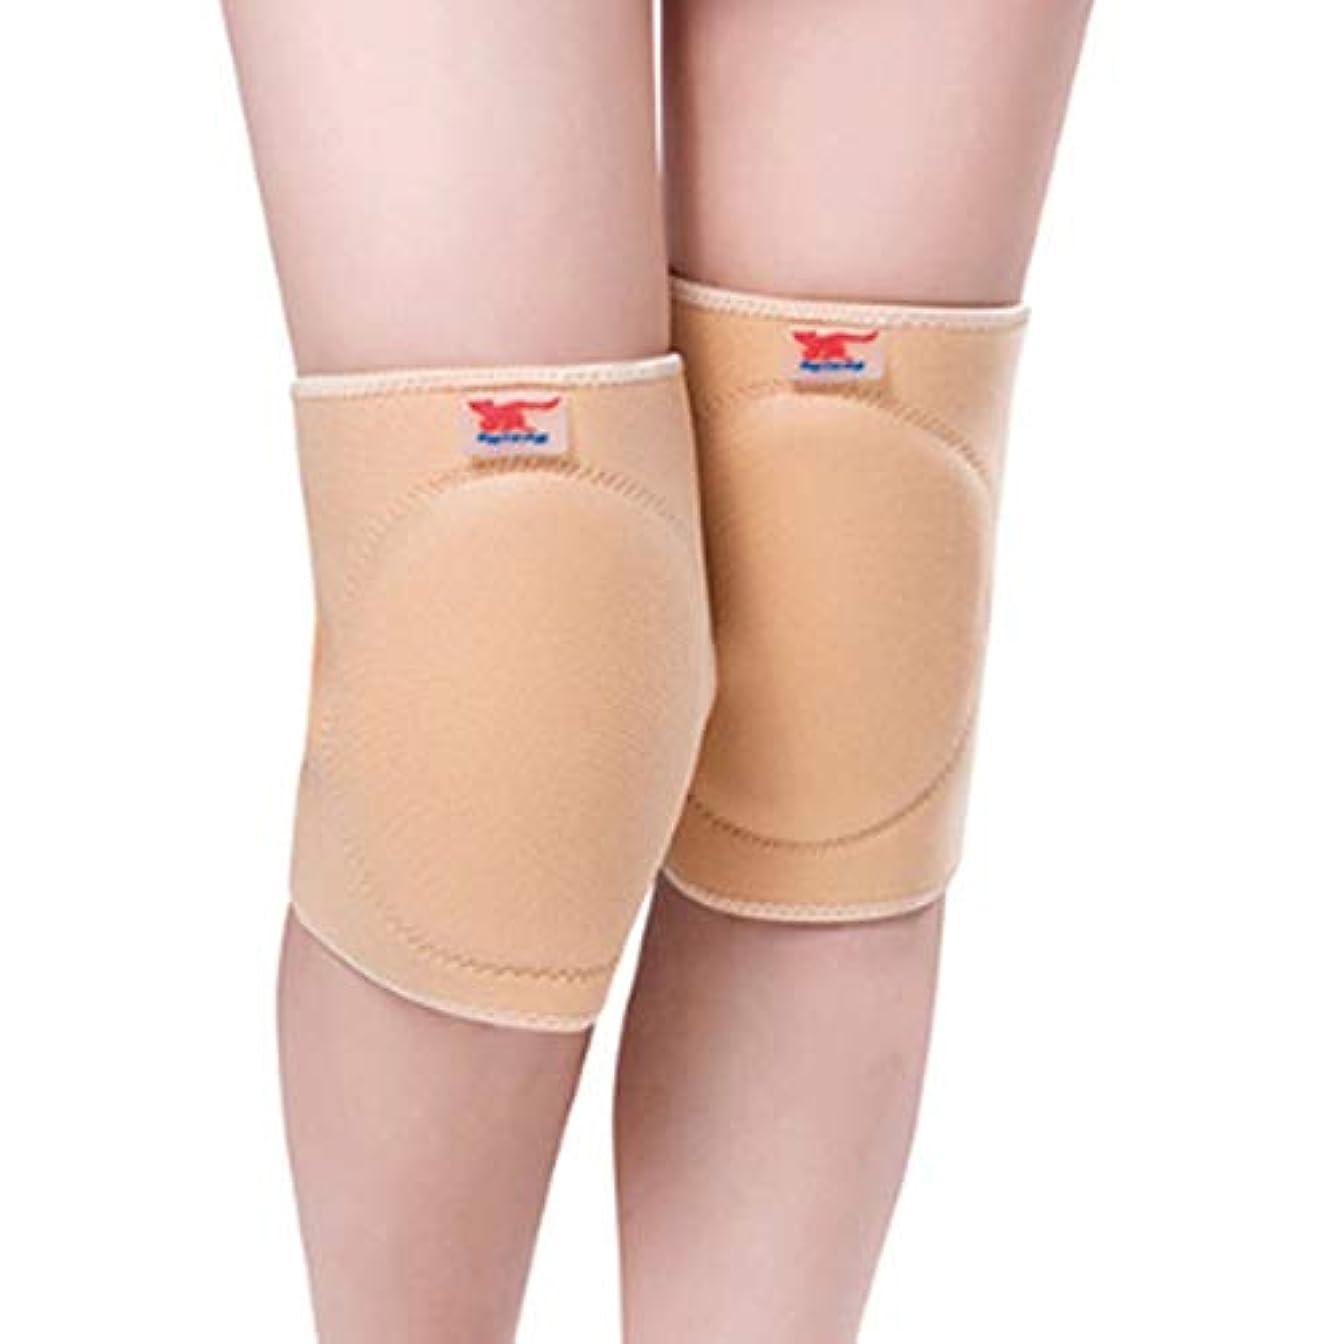 刺すワークショップブラウス反膝パッドウール防止関節炎保温暖かい膝サポート通気性肥厚膝パッド安全膝ブレース